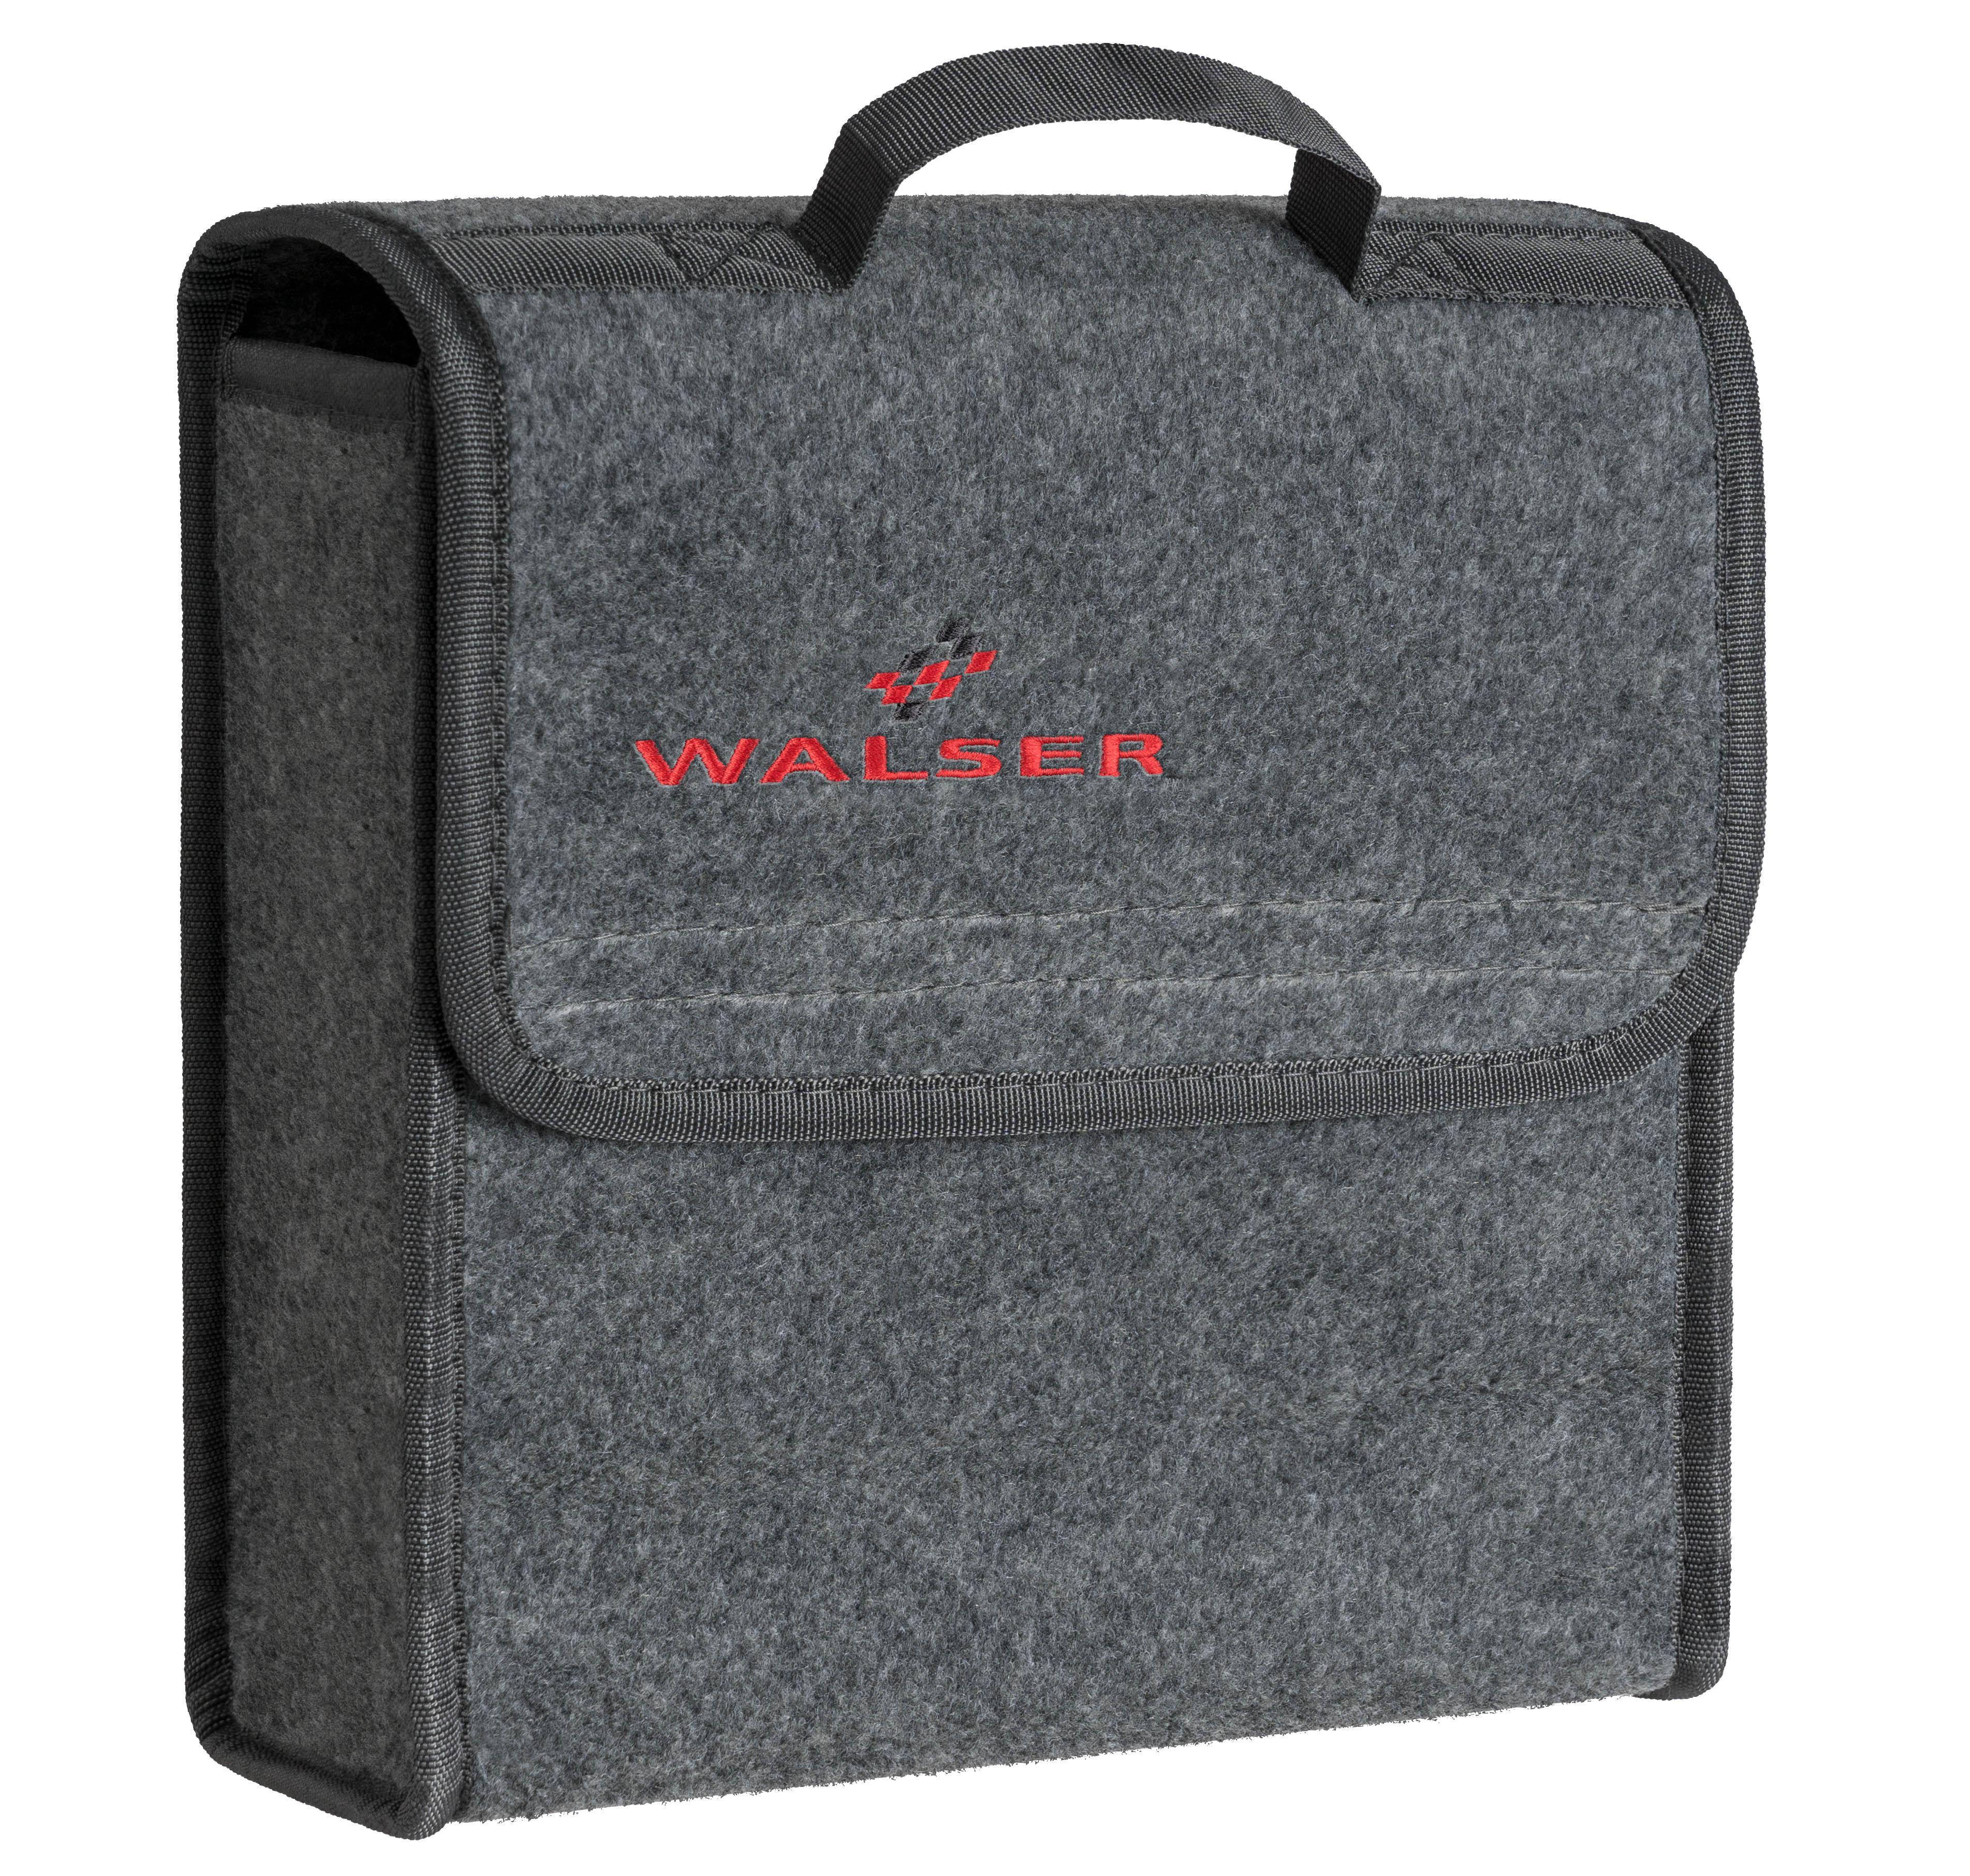 Gepäcktasche, Gepäckkorb 30103-0 WALSER 30103-0 in Original Qualität